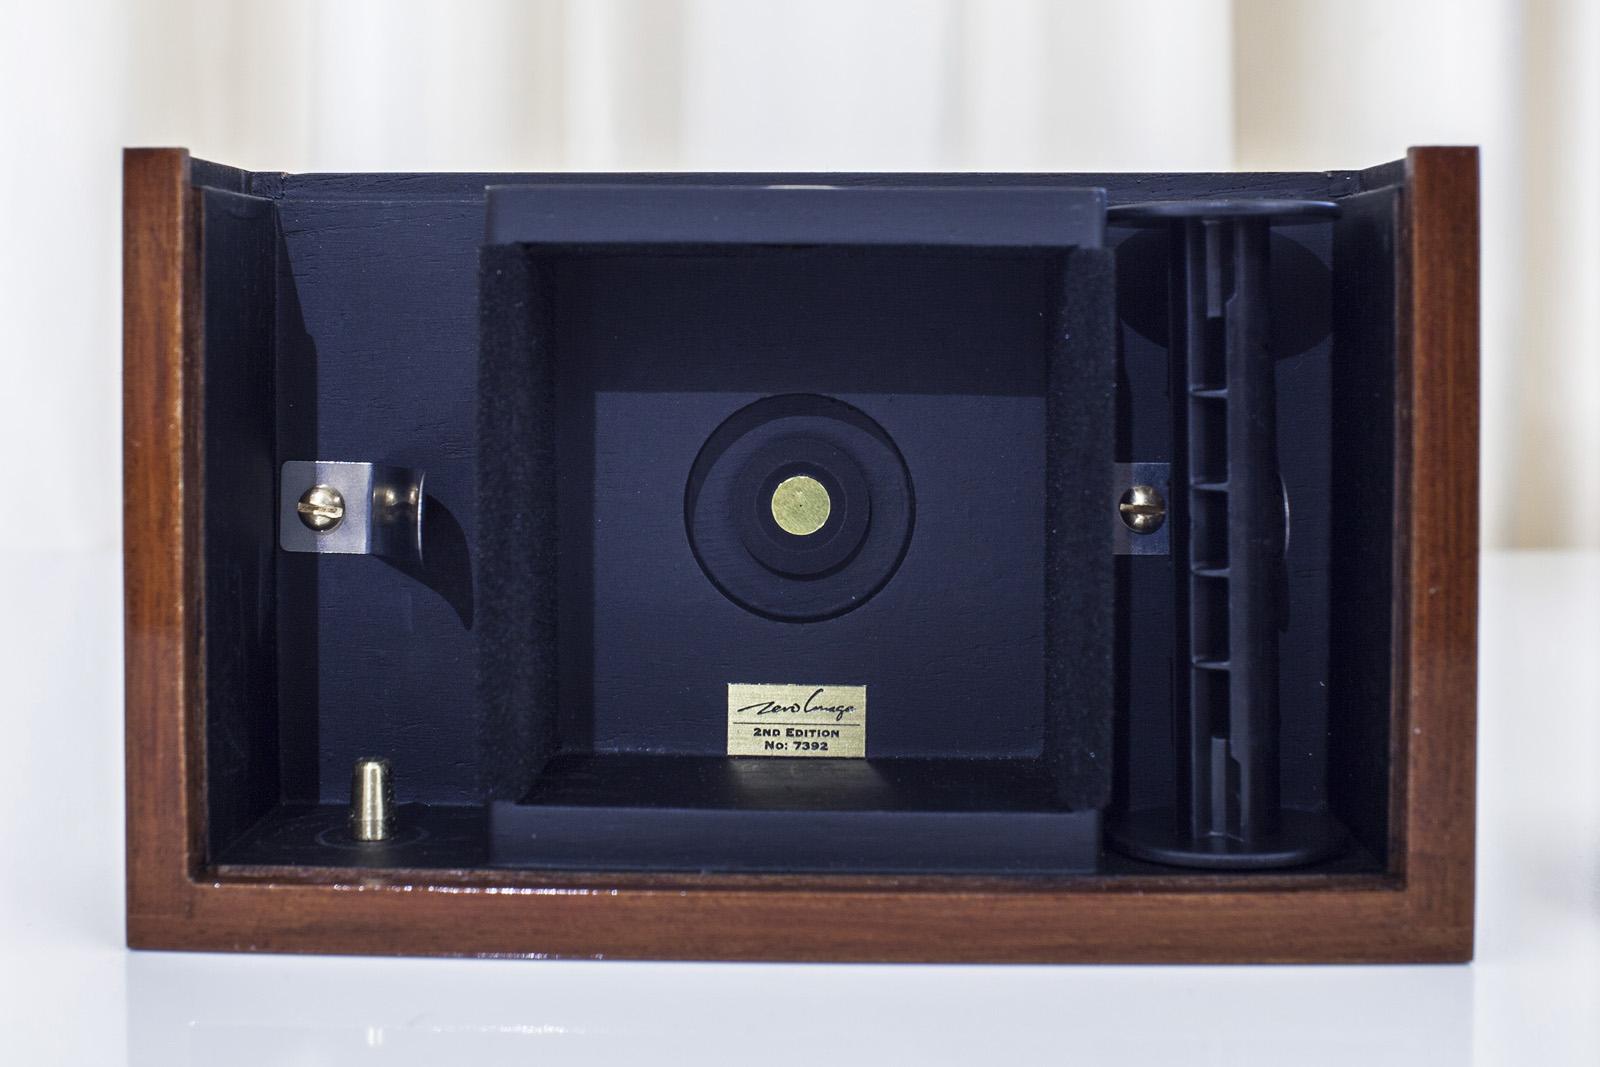 Présentatation de l'appareil photographique à sténopé Zero 2000 de Zero Image par Pierre-Louis Ferrer.